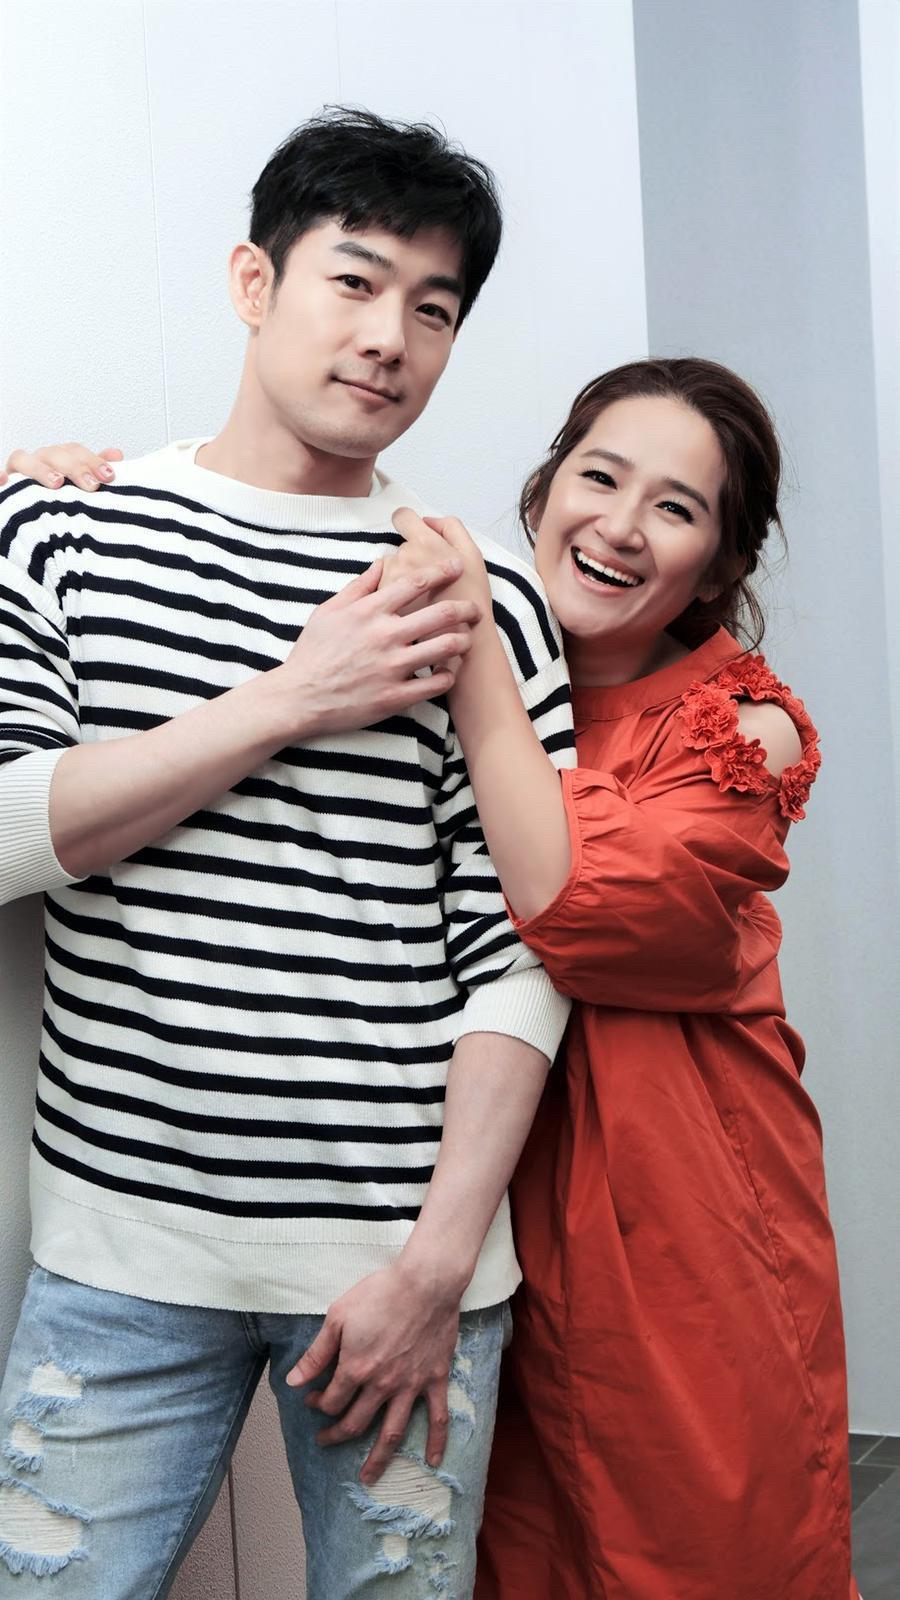 施易男(左)與羅美玲在舞台劇「大寶神珠」中飾演情侶 。圖/夢蓮花文藝基金會提供